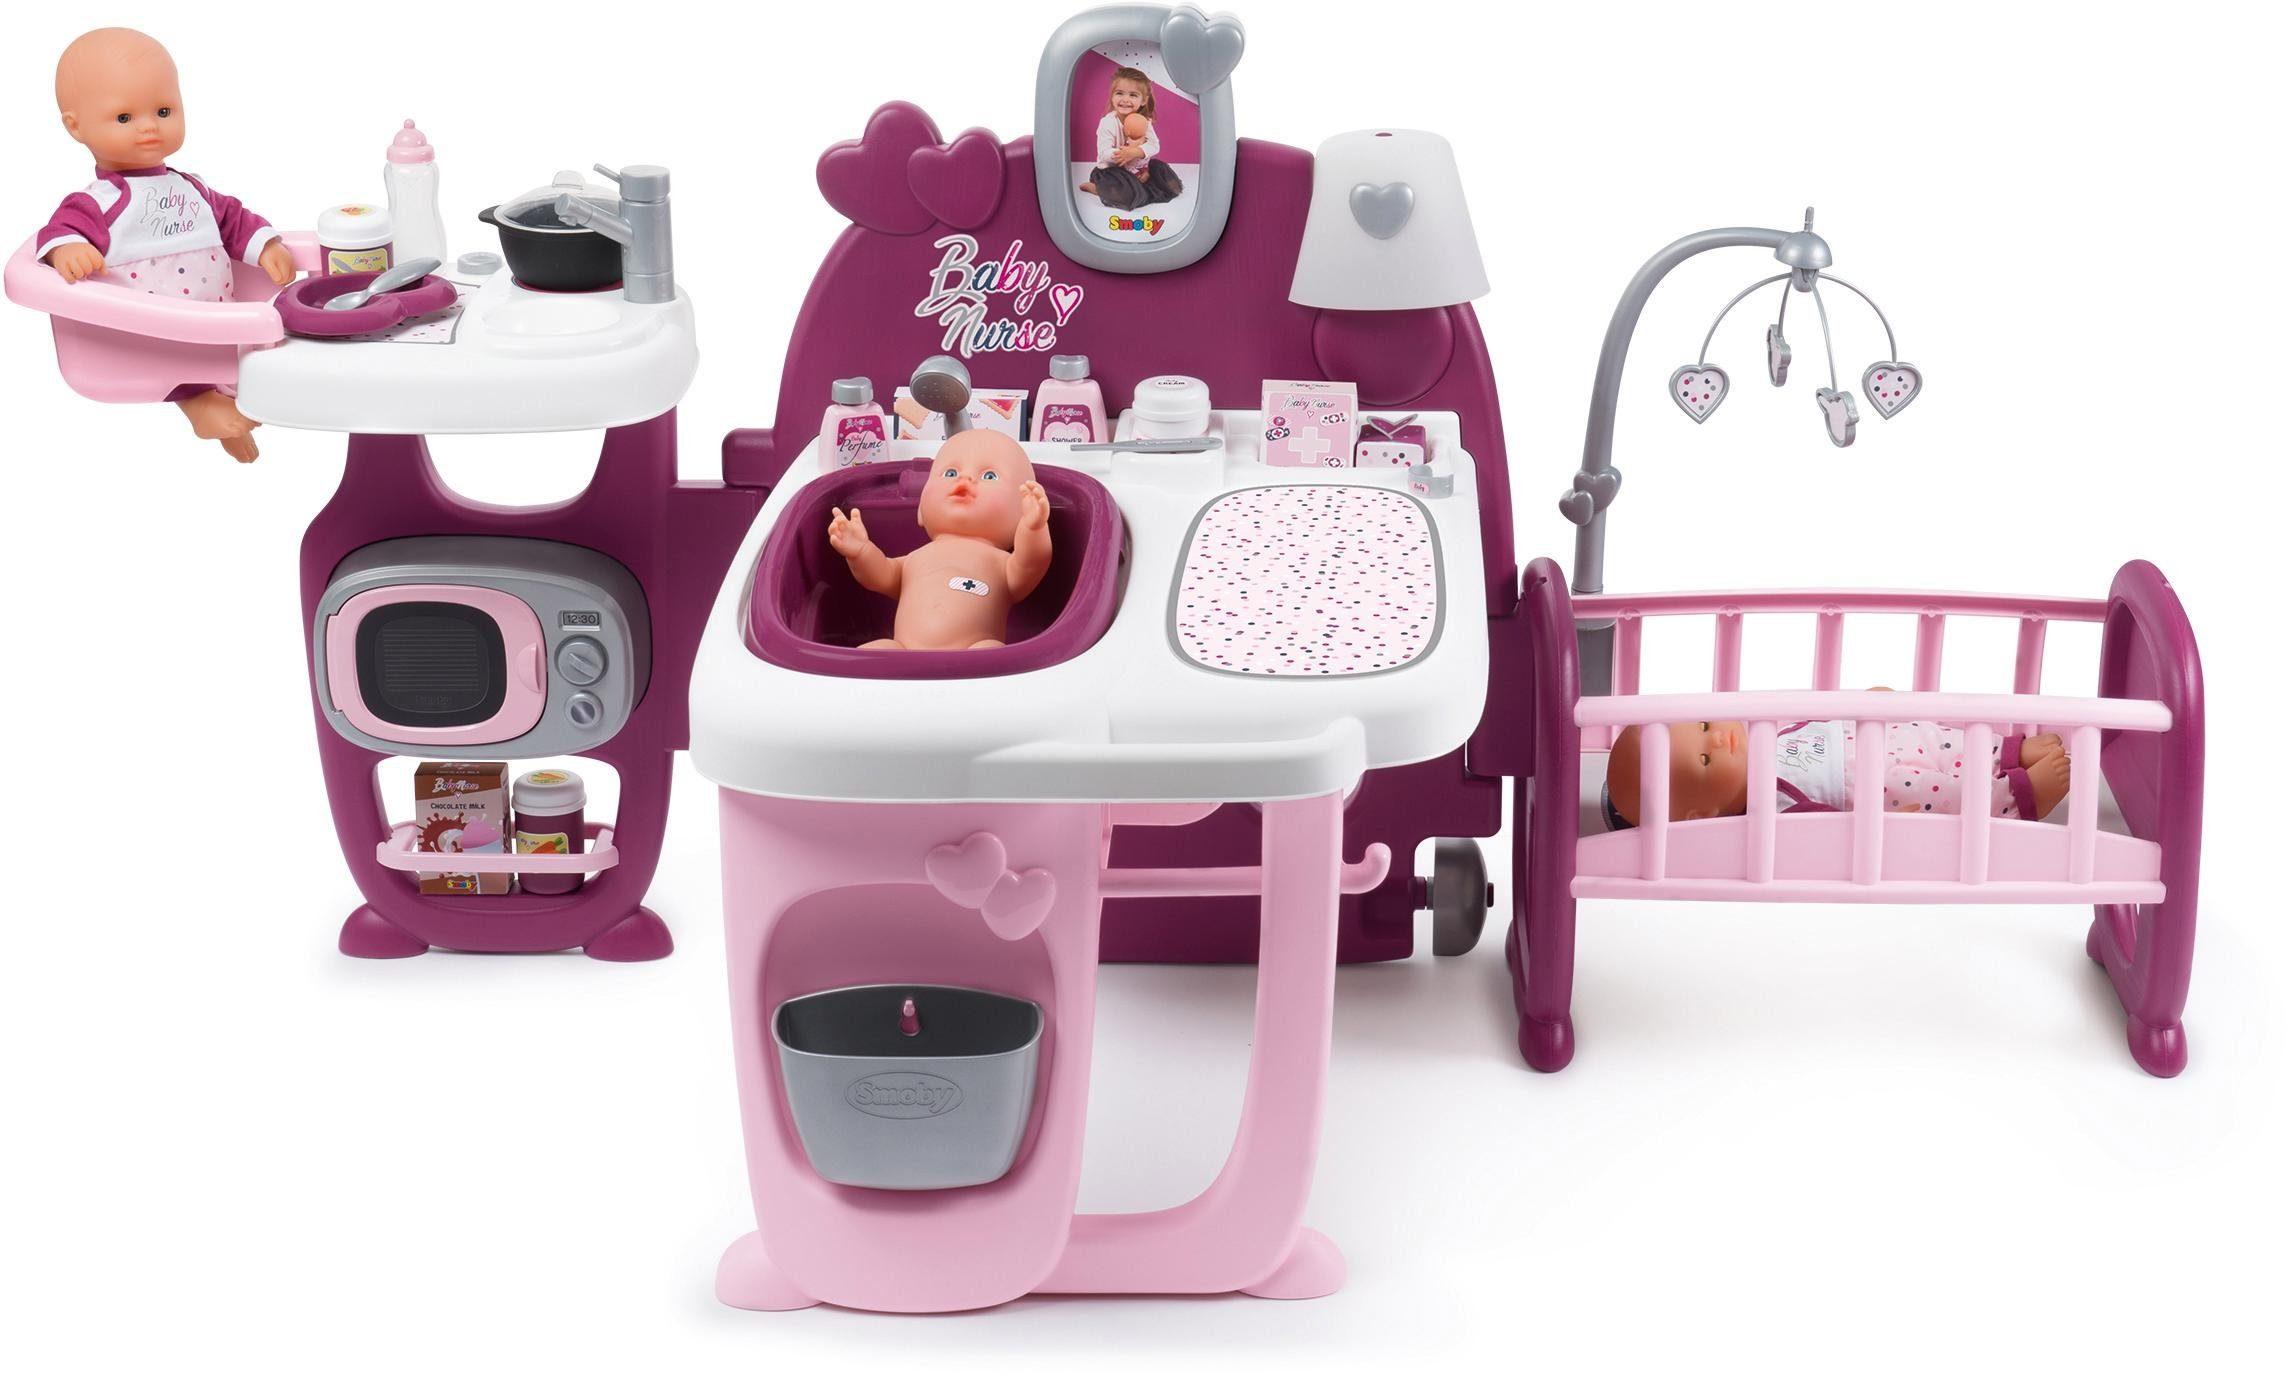 Smoby Puppen Pflegecenter Baby Nurse Puppen-Spielcenter rosa Kinder Ab 3-5 Jahren Altersempfehlung Puppenmöbel